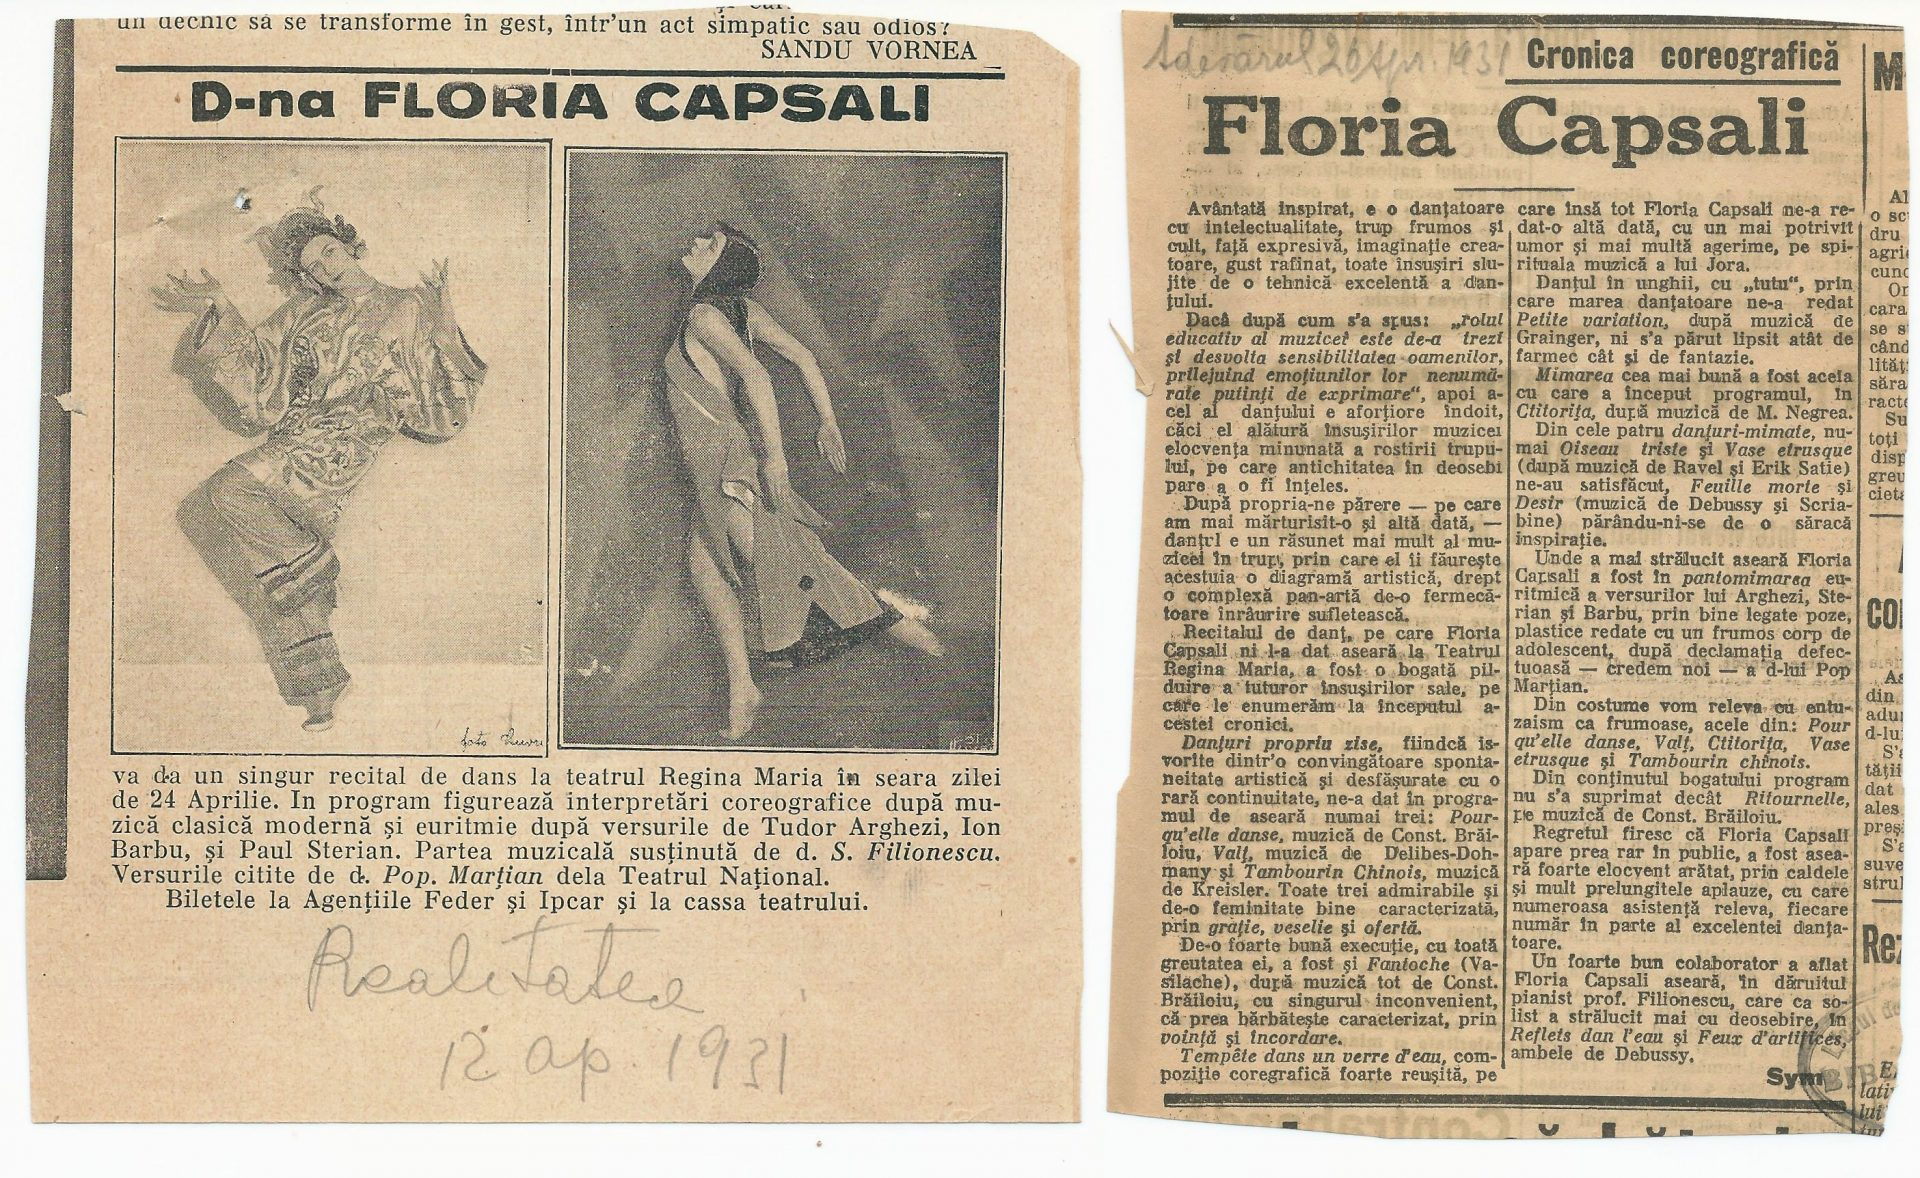 Arhiva Istorică_Fond Floria Capsali_Colecția de presă